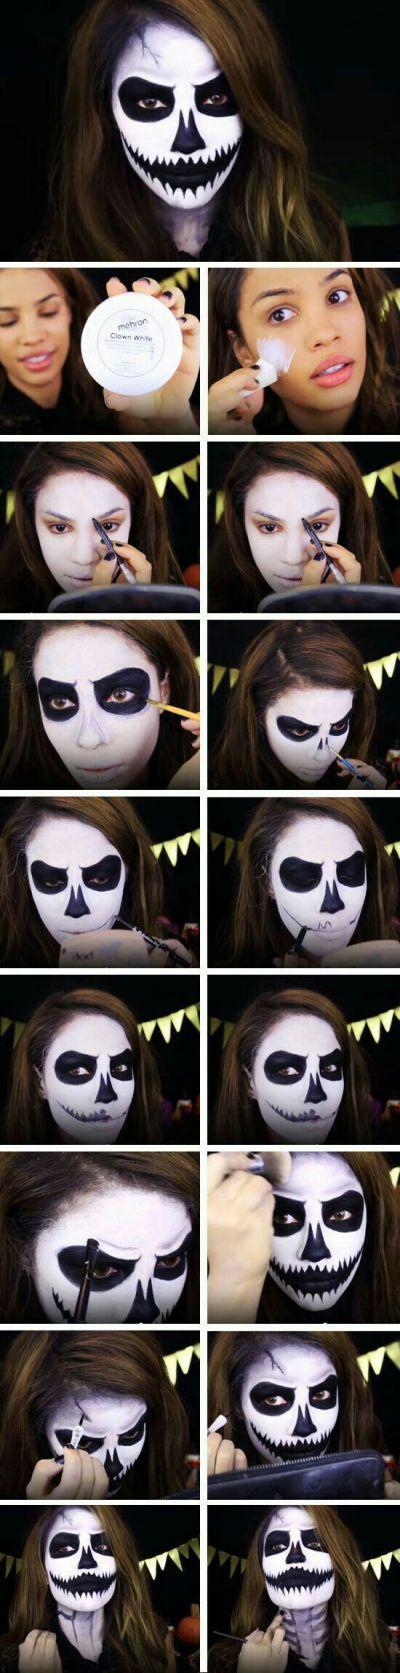 No costume coolest face paint